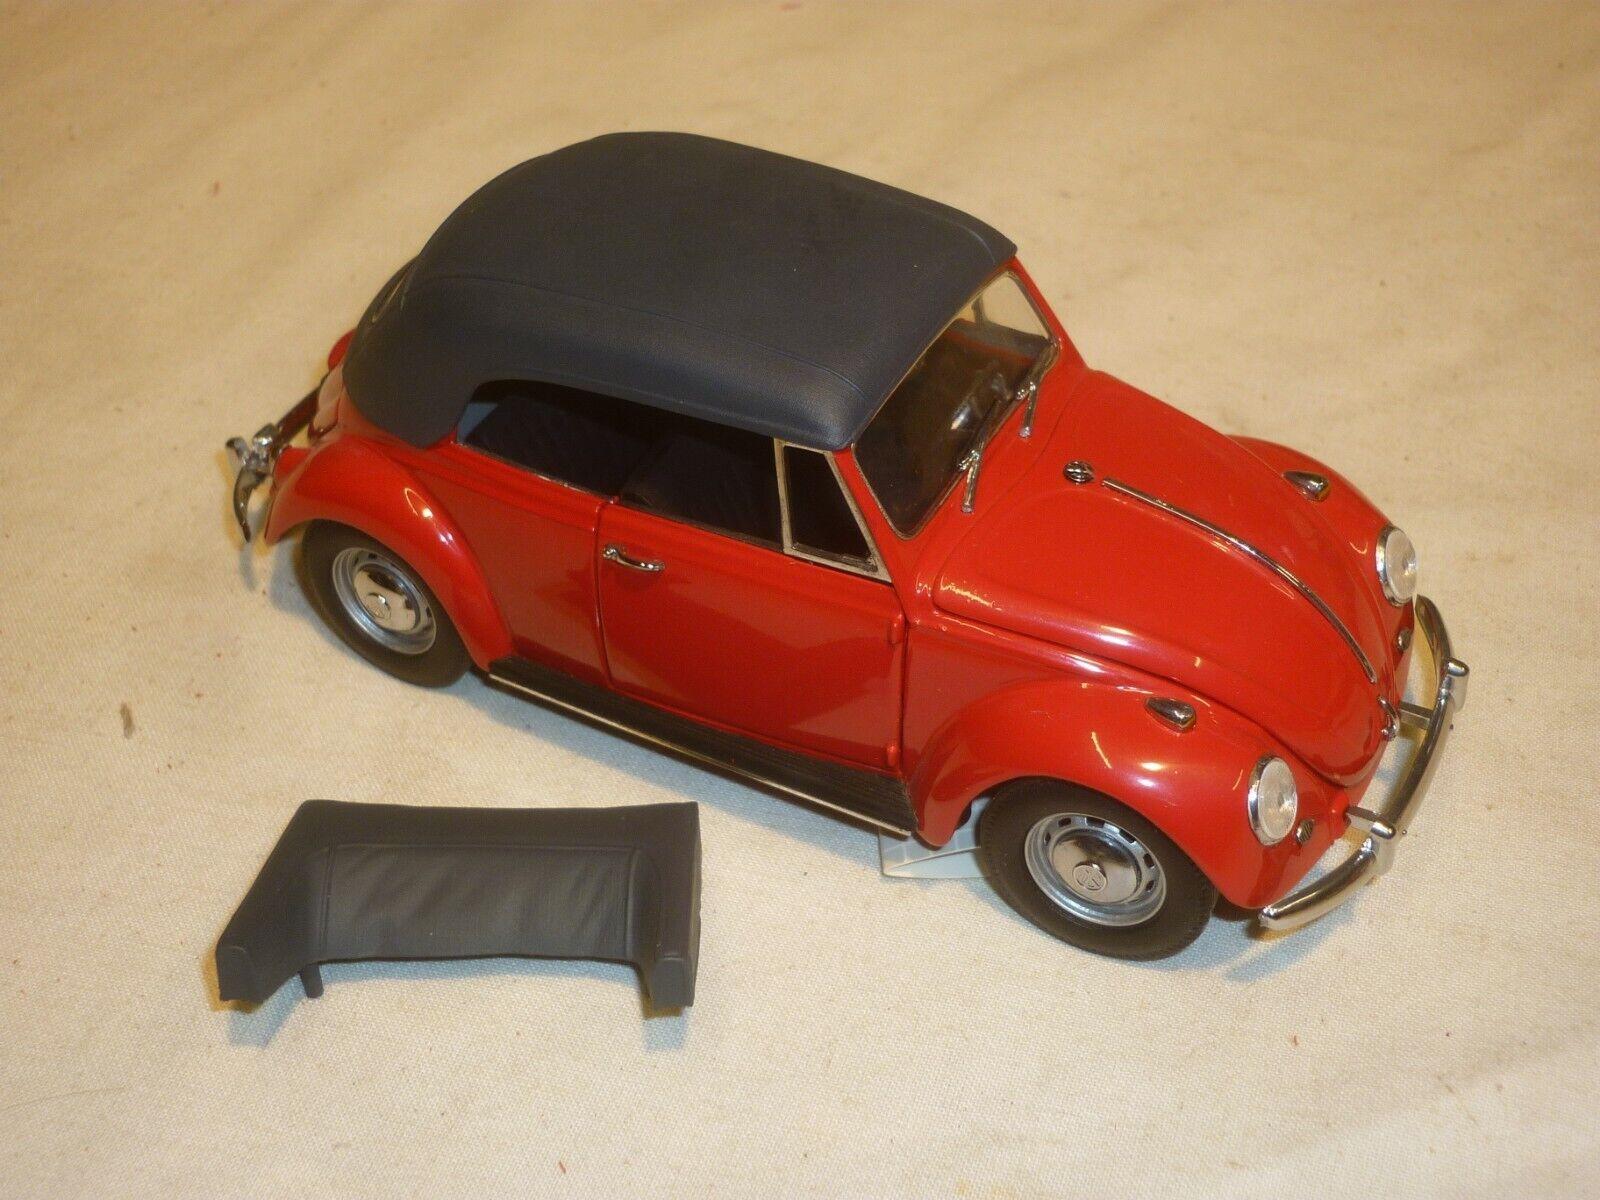 Un Franklin Comme neuf scale model of a 1967 VOLKSWAGEN BEETLE Décapotable.